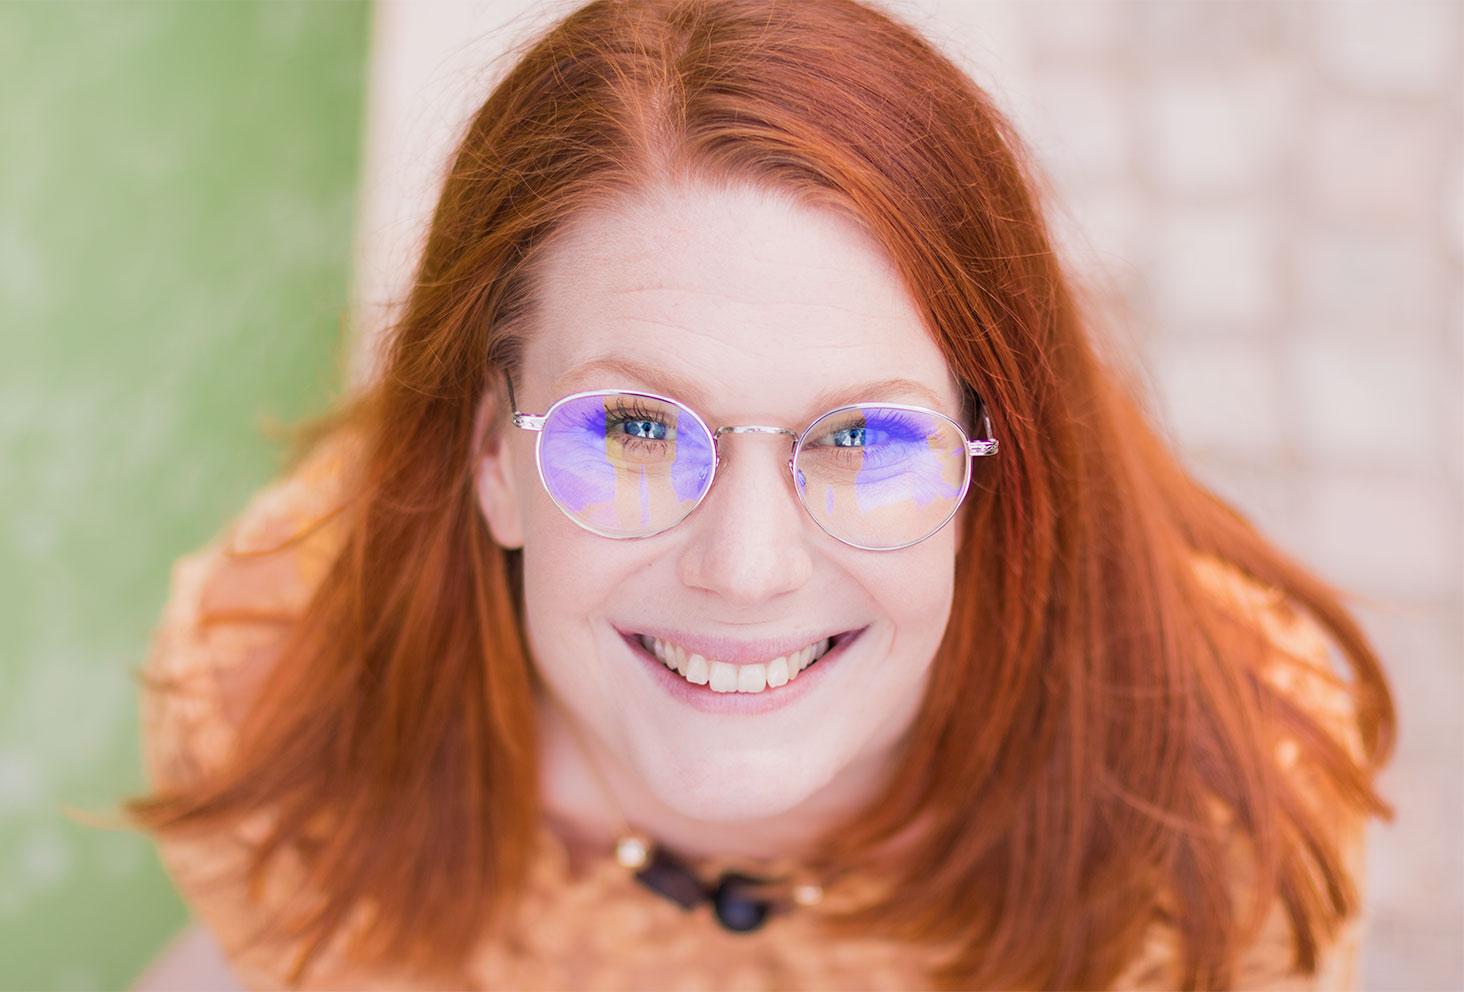 Portrait cheveux roux, sourire, lunettes et yeux bleus